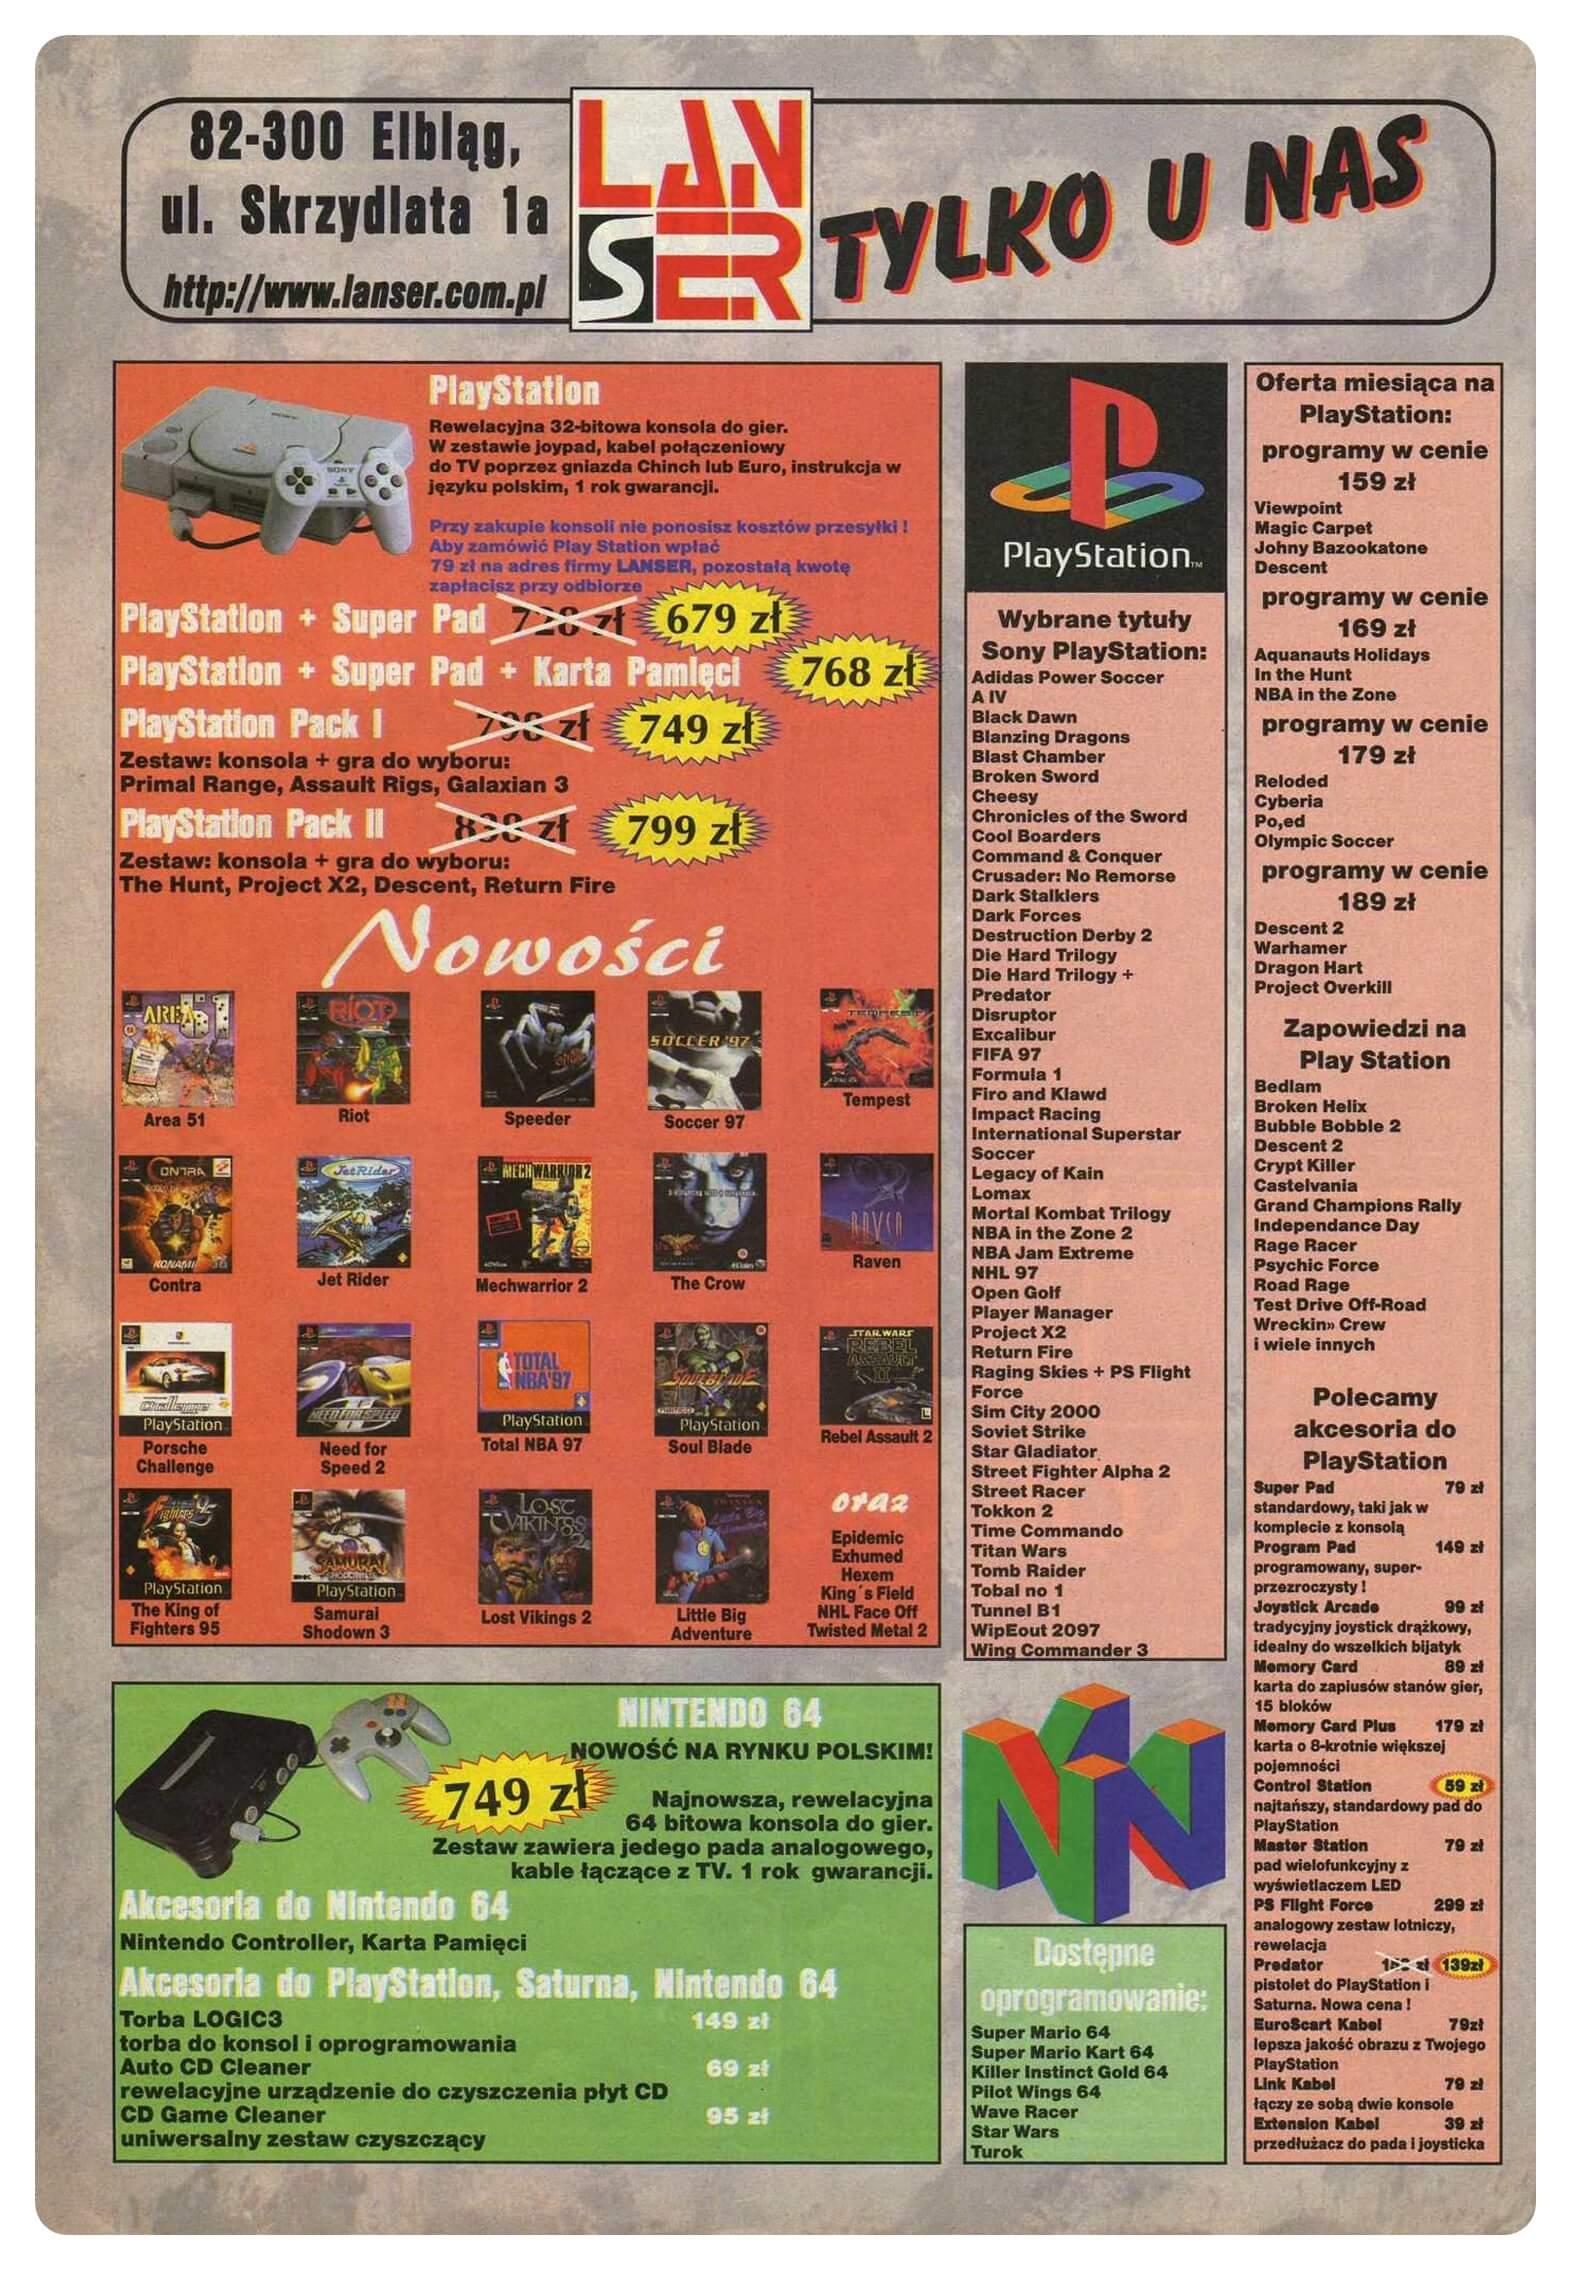 ss 07 lipiec 1997 - Jak wyglądały ceny różnych konsol w Polsce w latach 1996-2006?